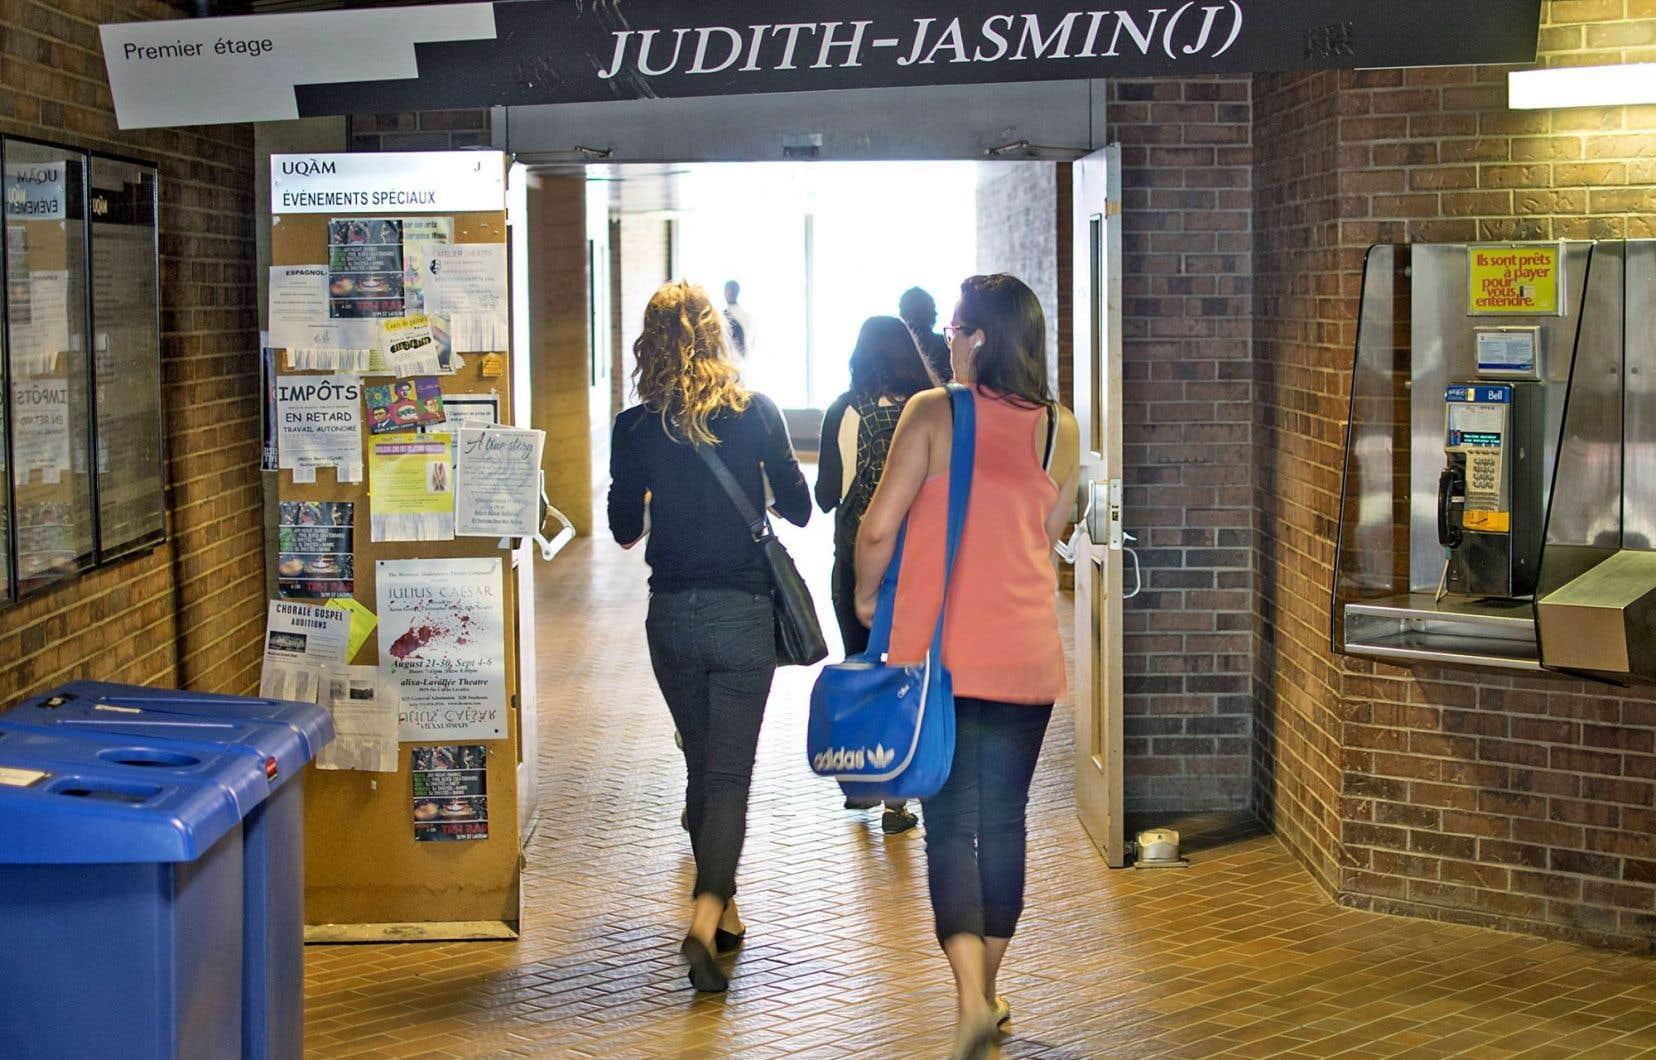 Les études féministes rassemblent tous les genres disciplinaires ou théoriques de réflexion qui visent à transformer la condition des femmes dans la société ainsi que l'avancement scientifique des connaissances.